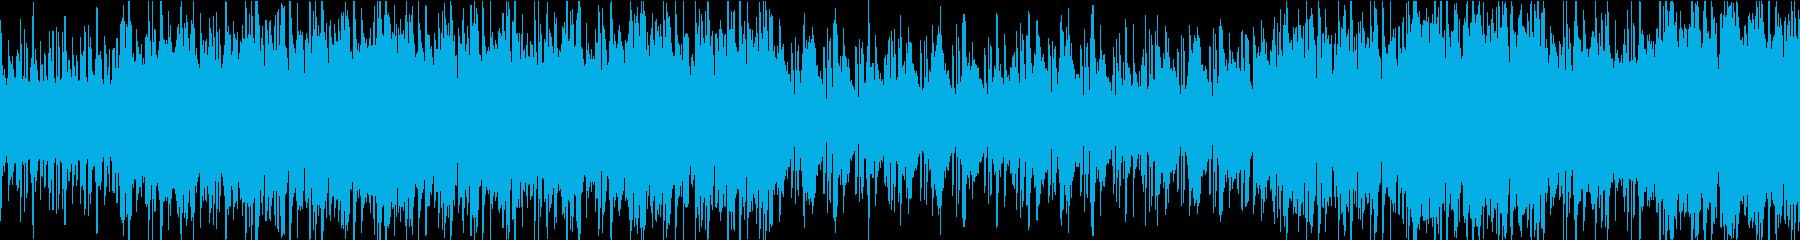 おだやか/琴/尺八/カラオケ/ループの再生済みの波形